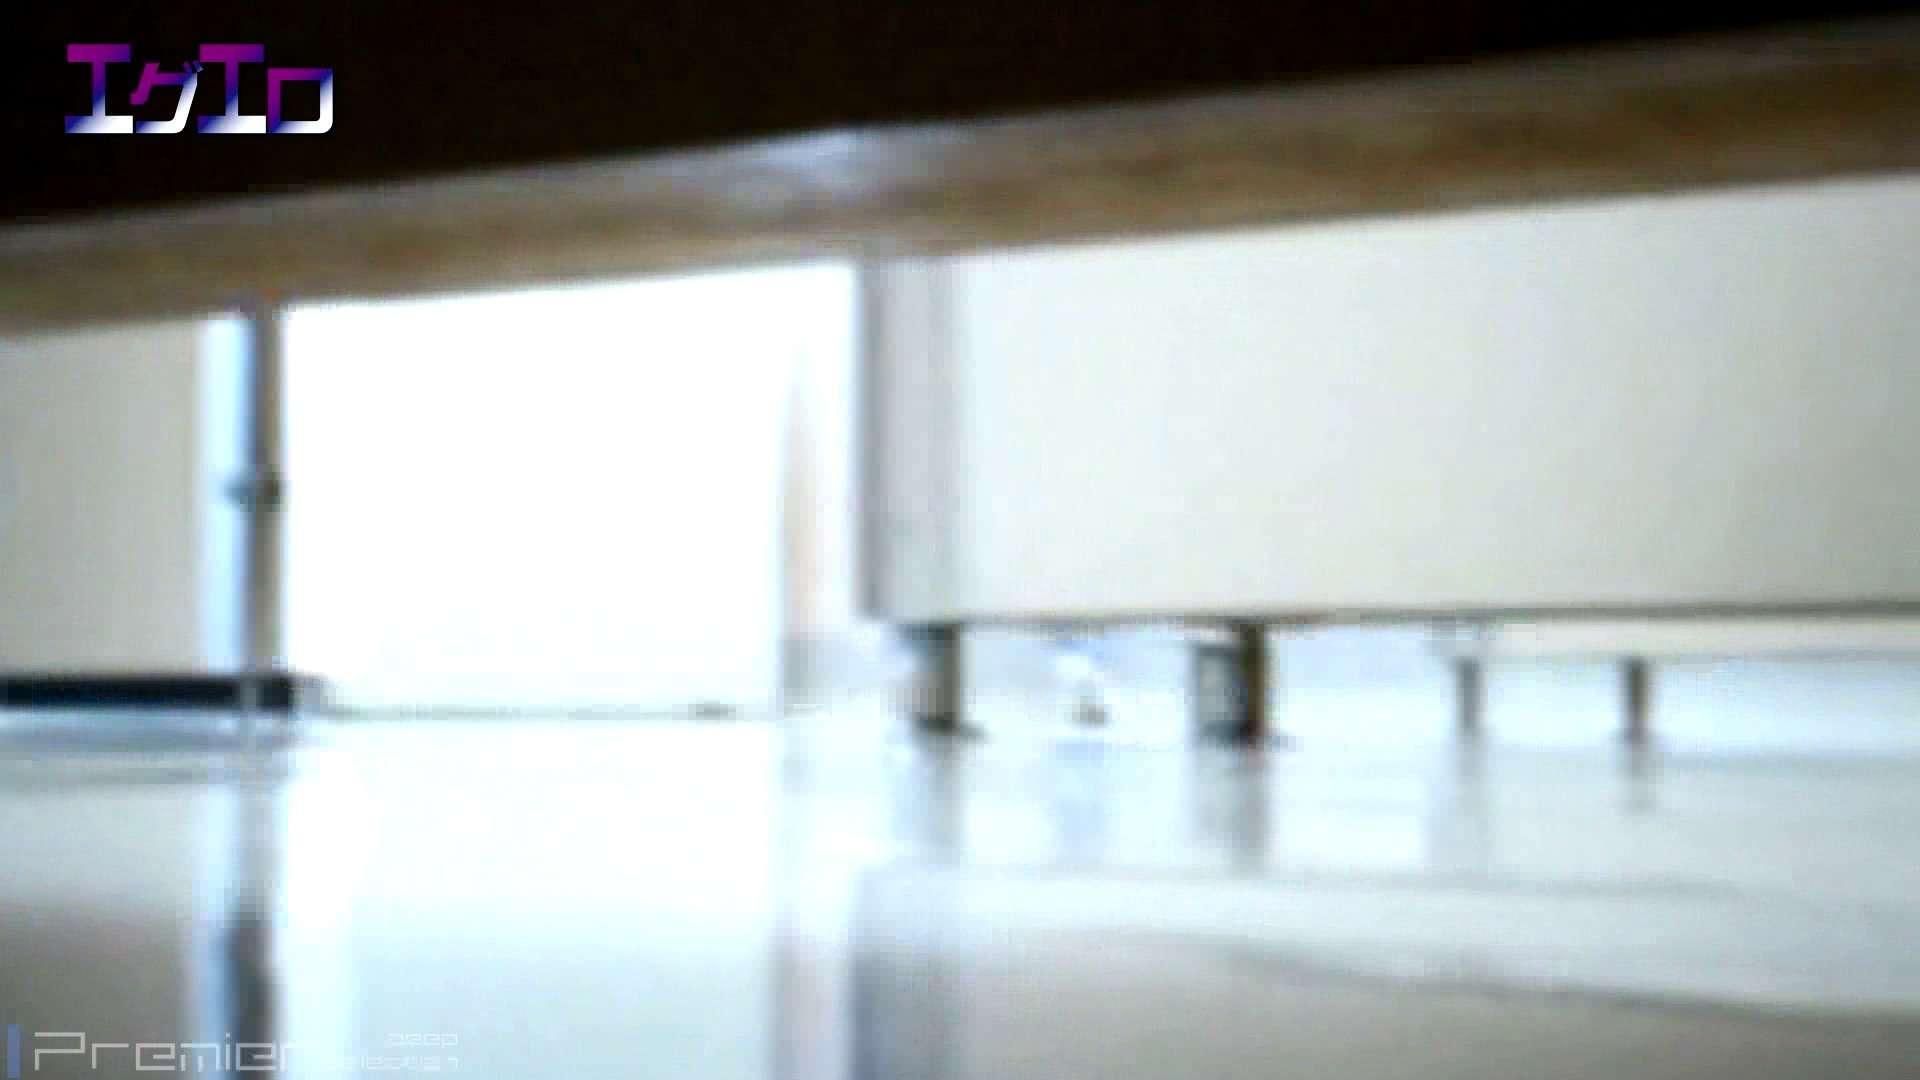 至近距離洗面所 Vol.11 洗面所 | OLのボディ  88PIX 75